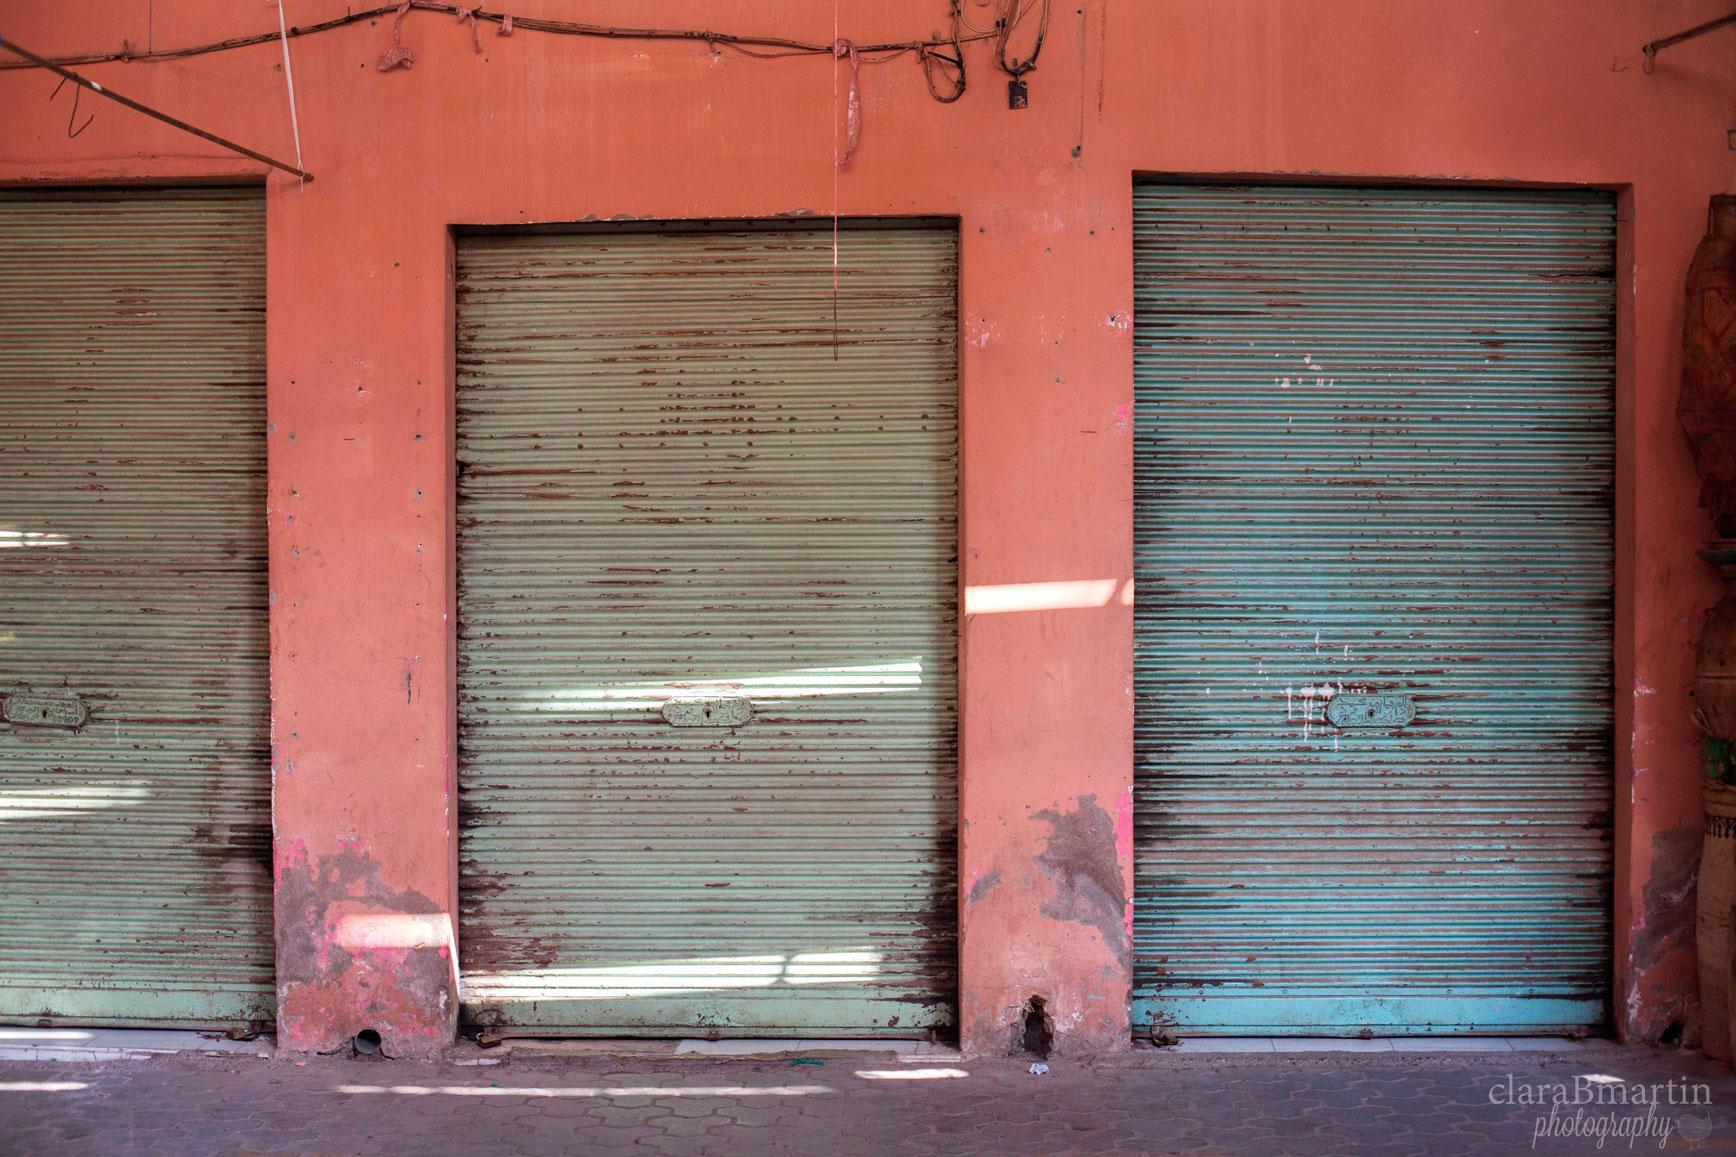 Marrakech_claraBmartin_18